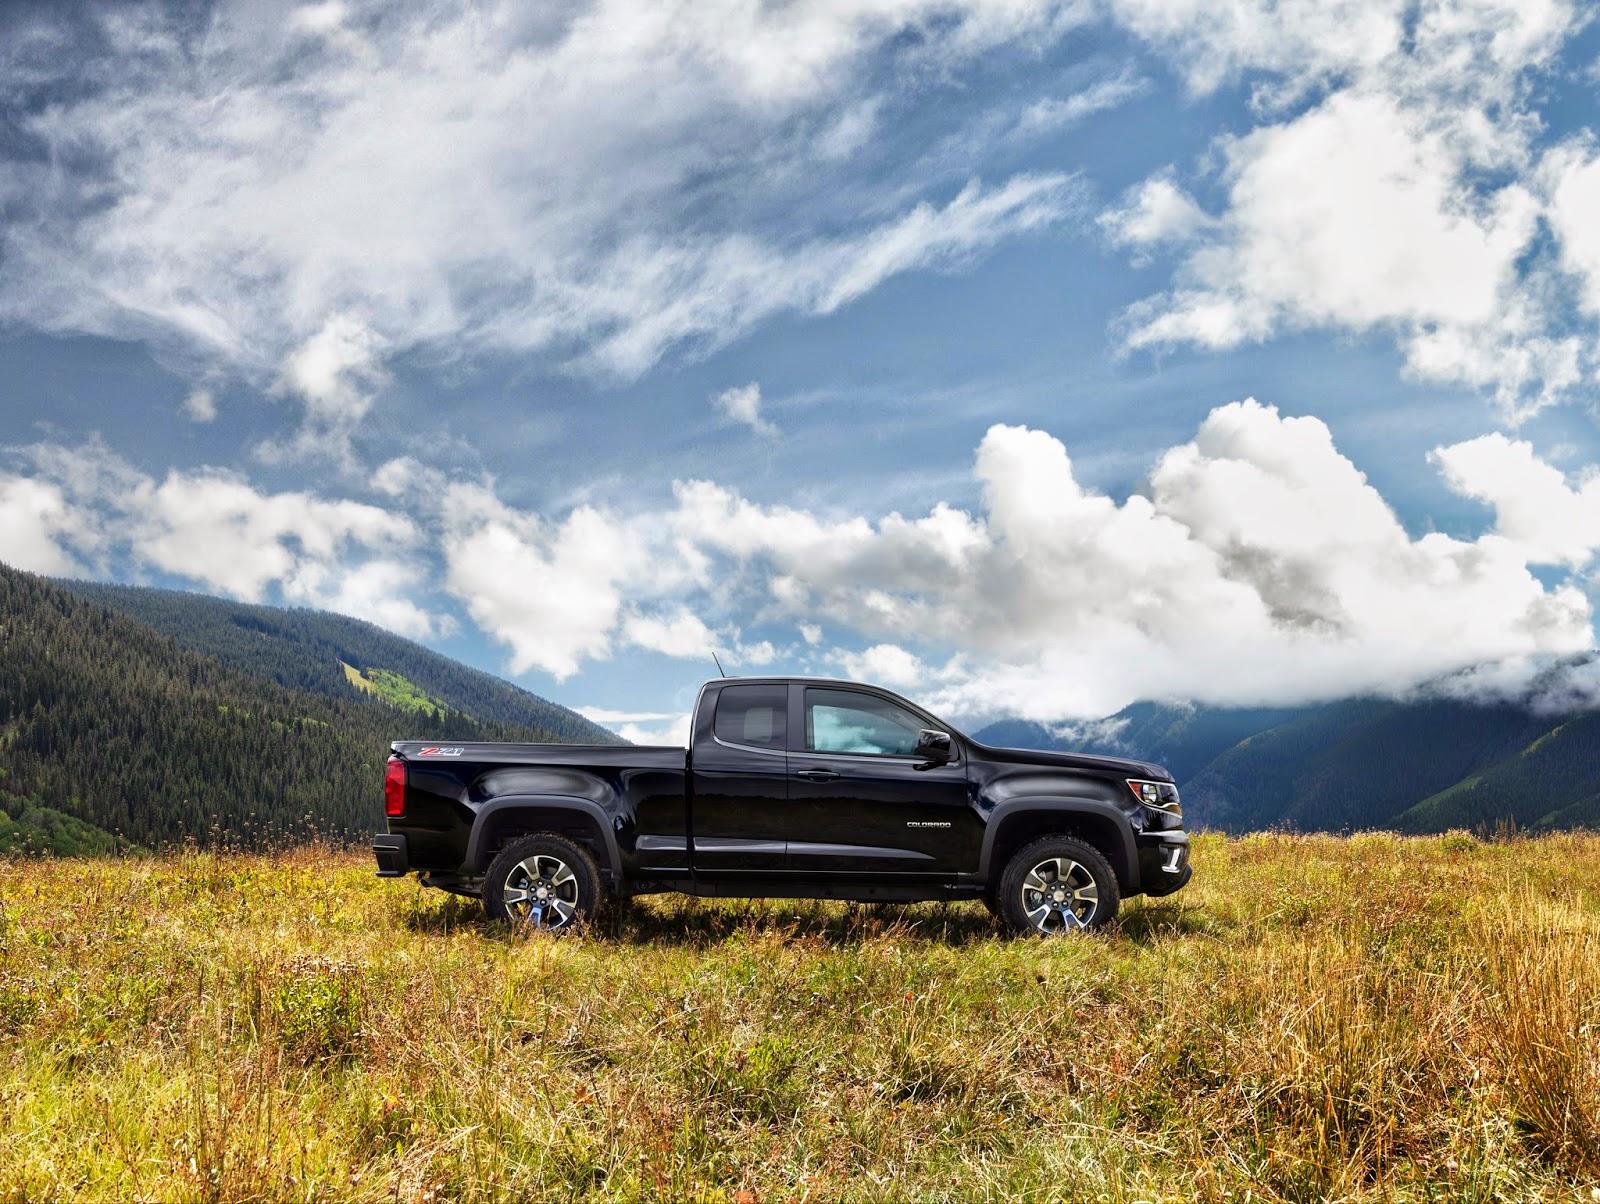 2015 Chevy Colorado Is Fuel Economy Leader